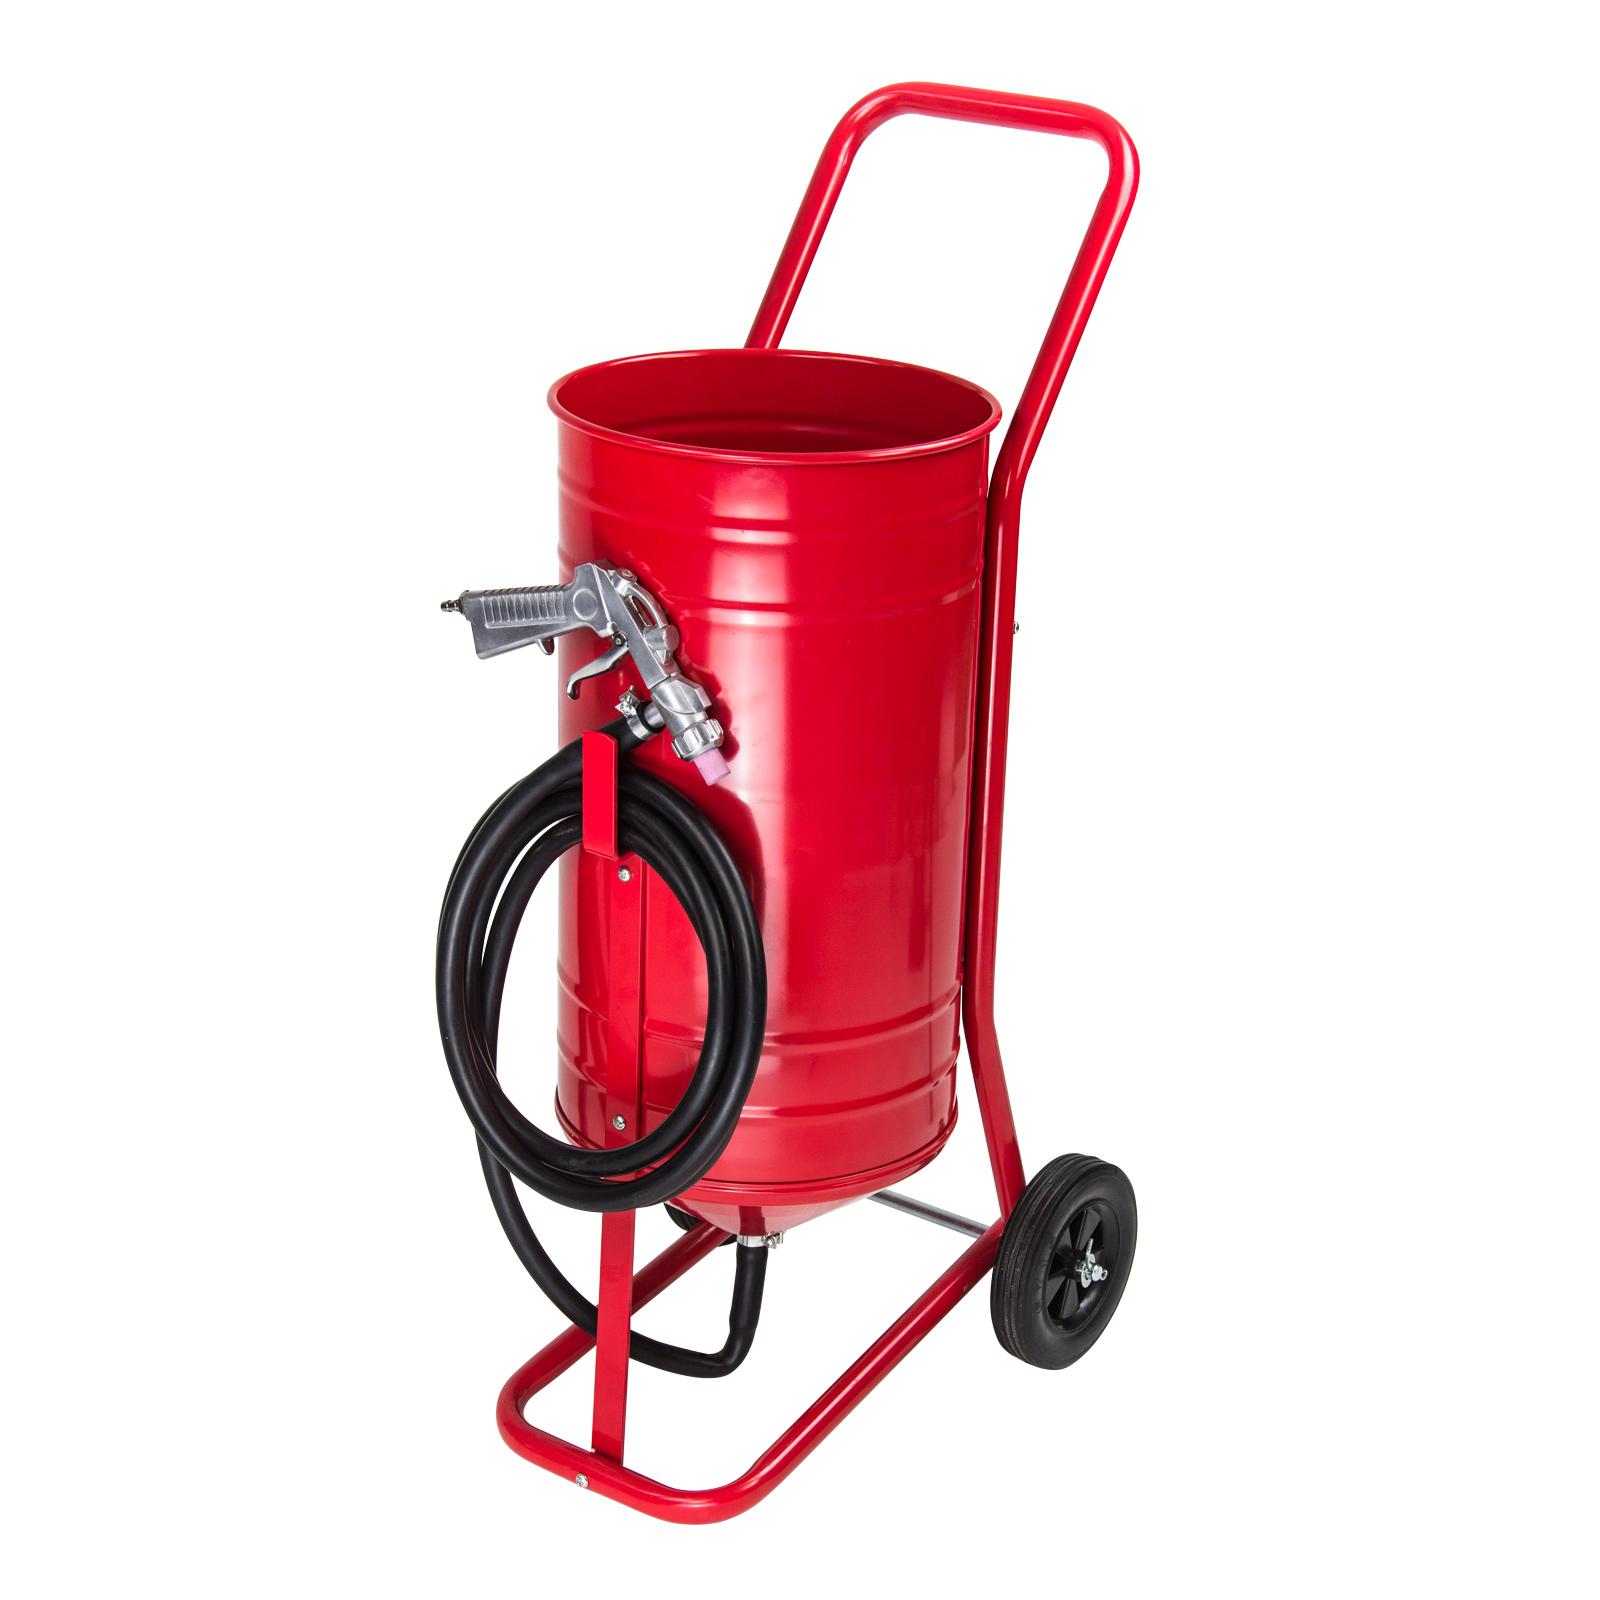 Sandstrahlgerät / Sandstrahler Mobil 30 Liter - Dema SSGM 30 24552